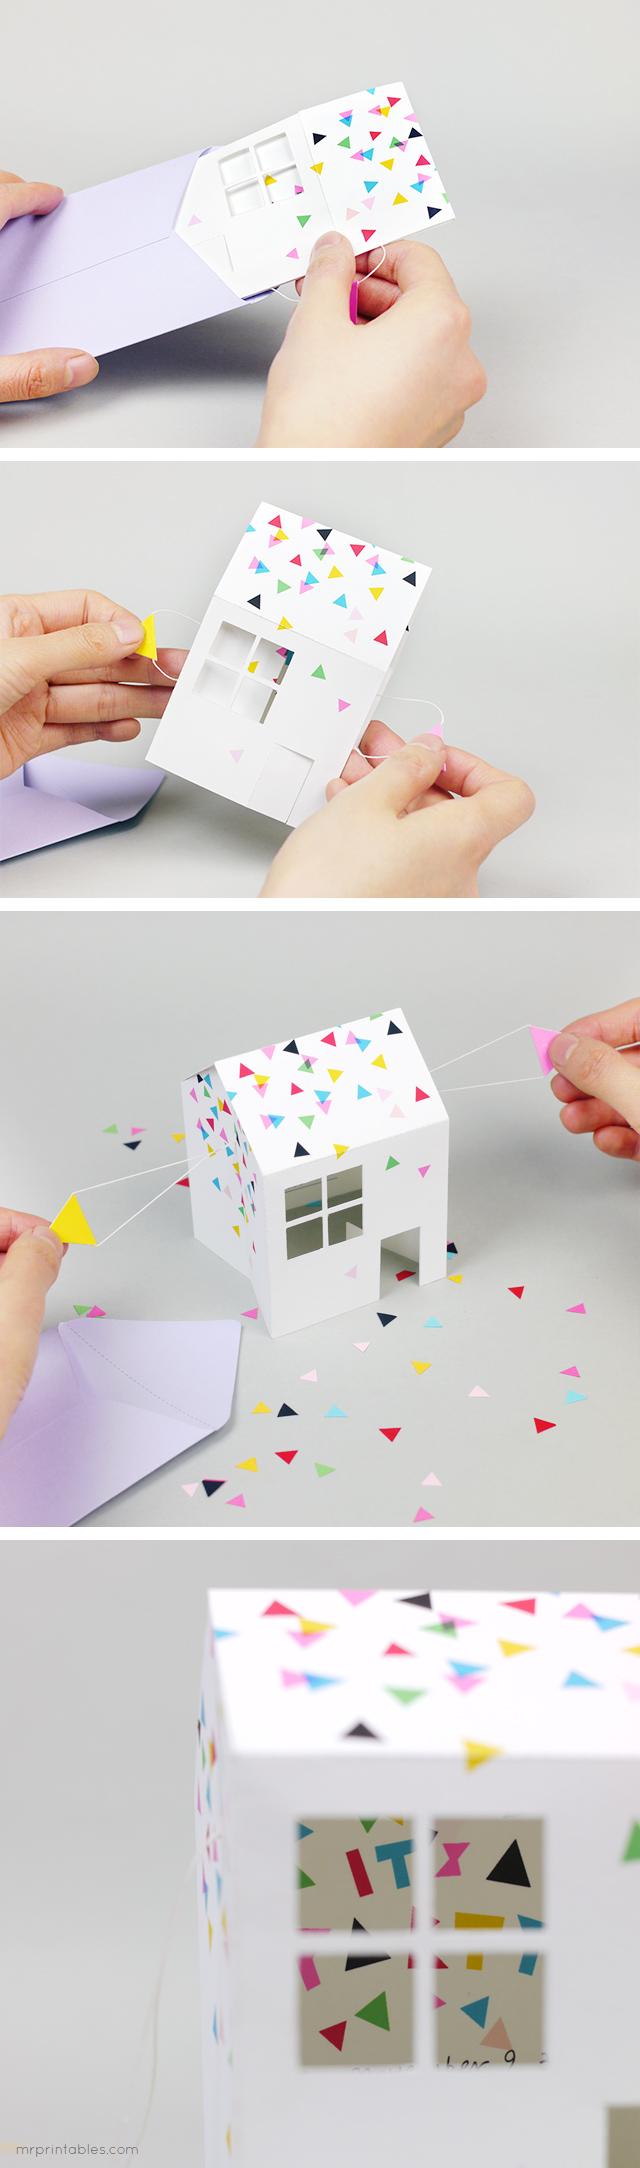 pop up house party invitation mr printables. Black Bedroom Furniture Sets. Home Design Ideas